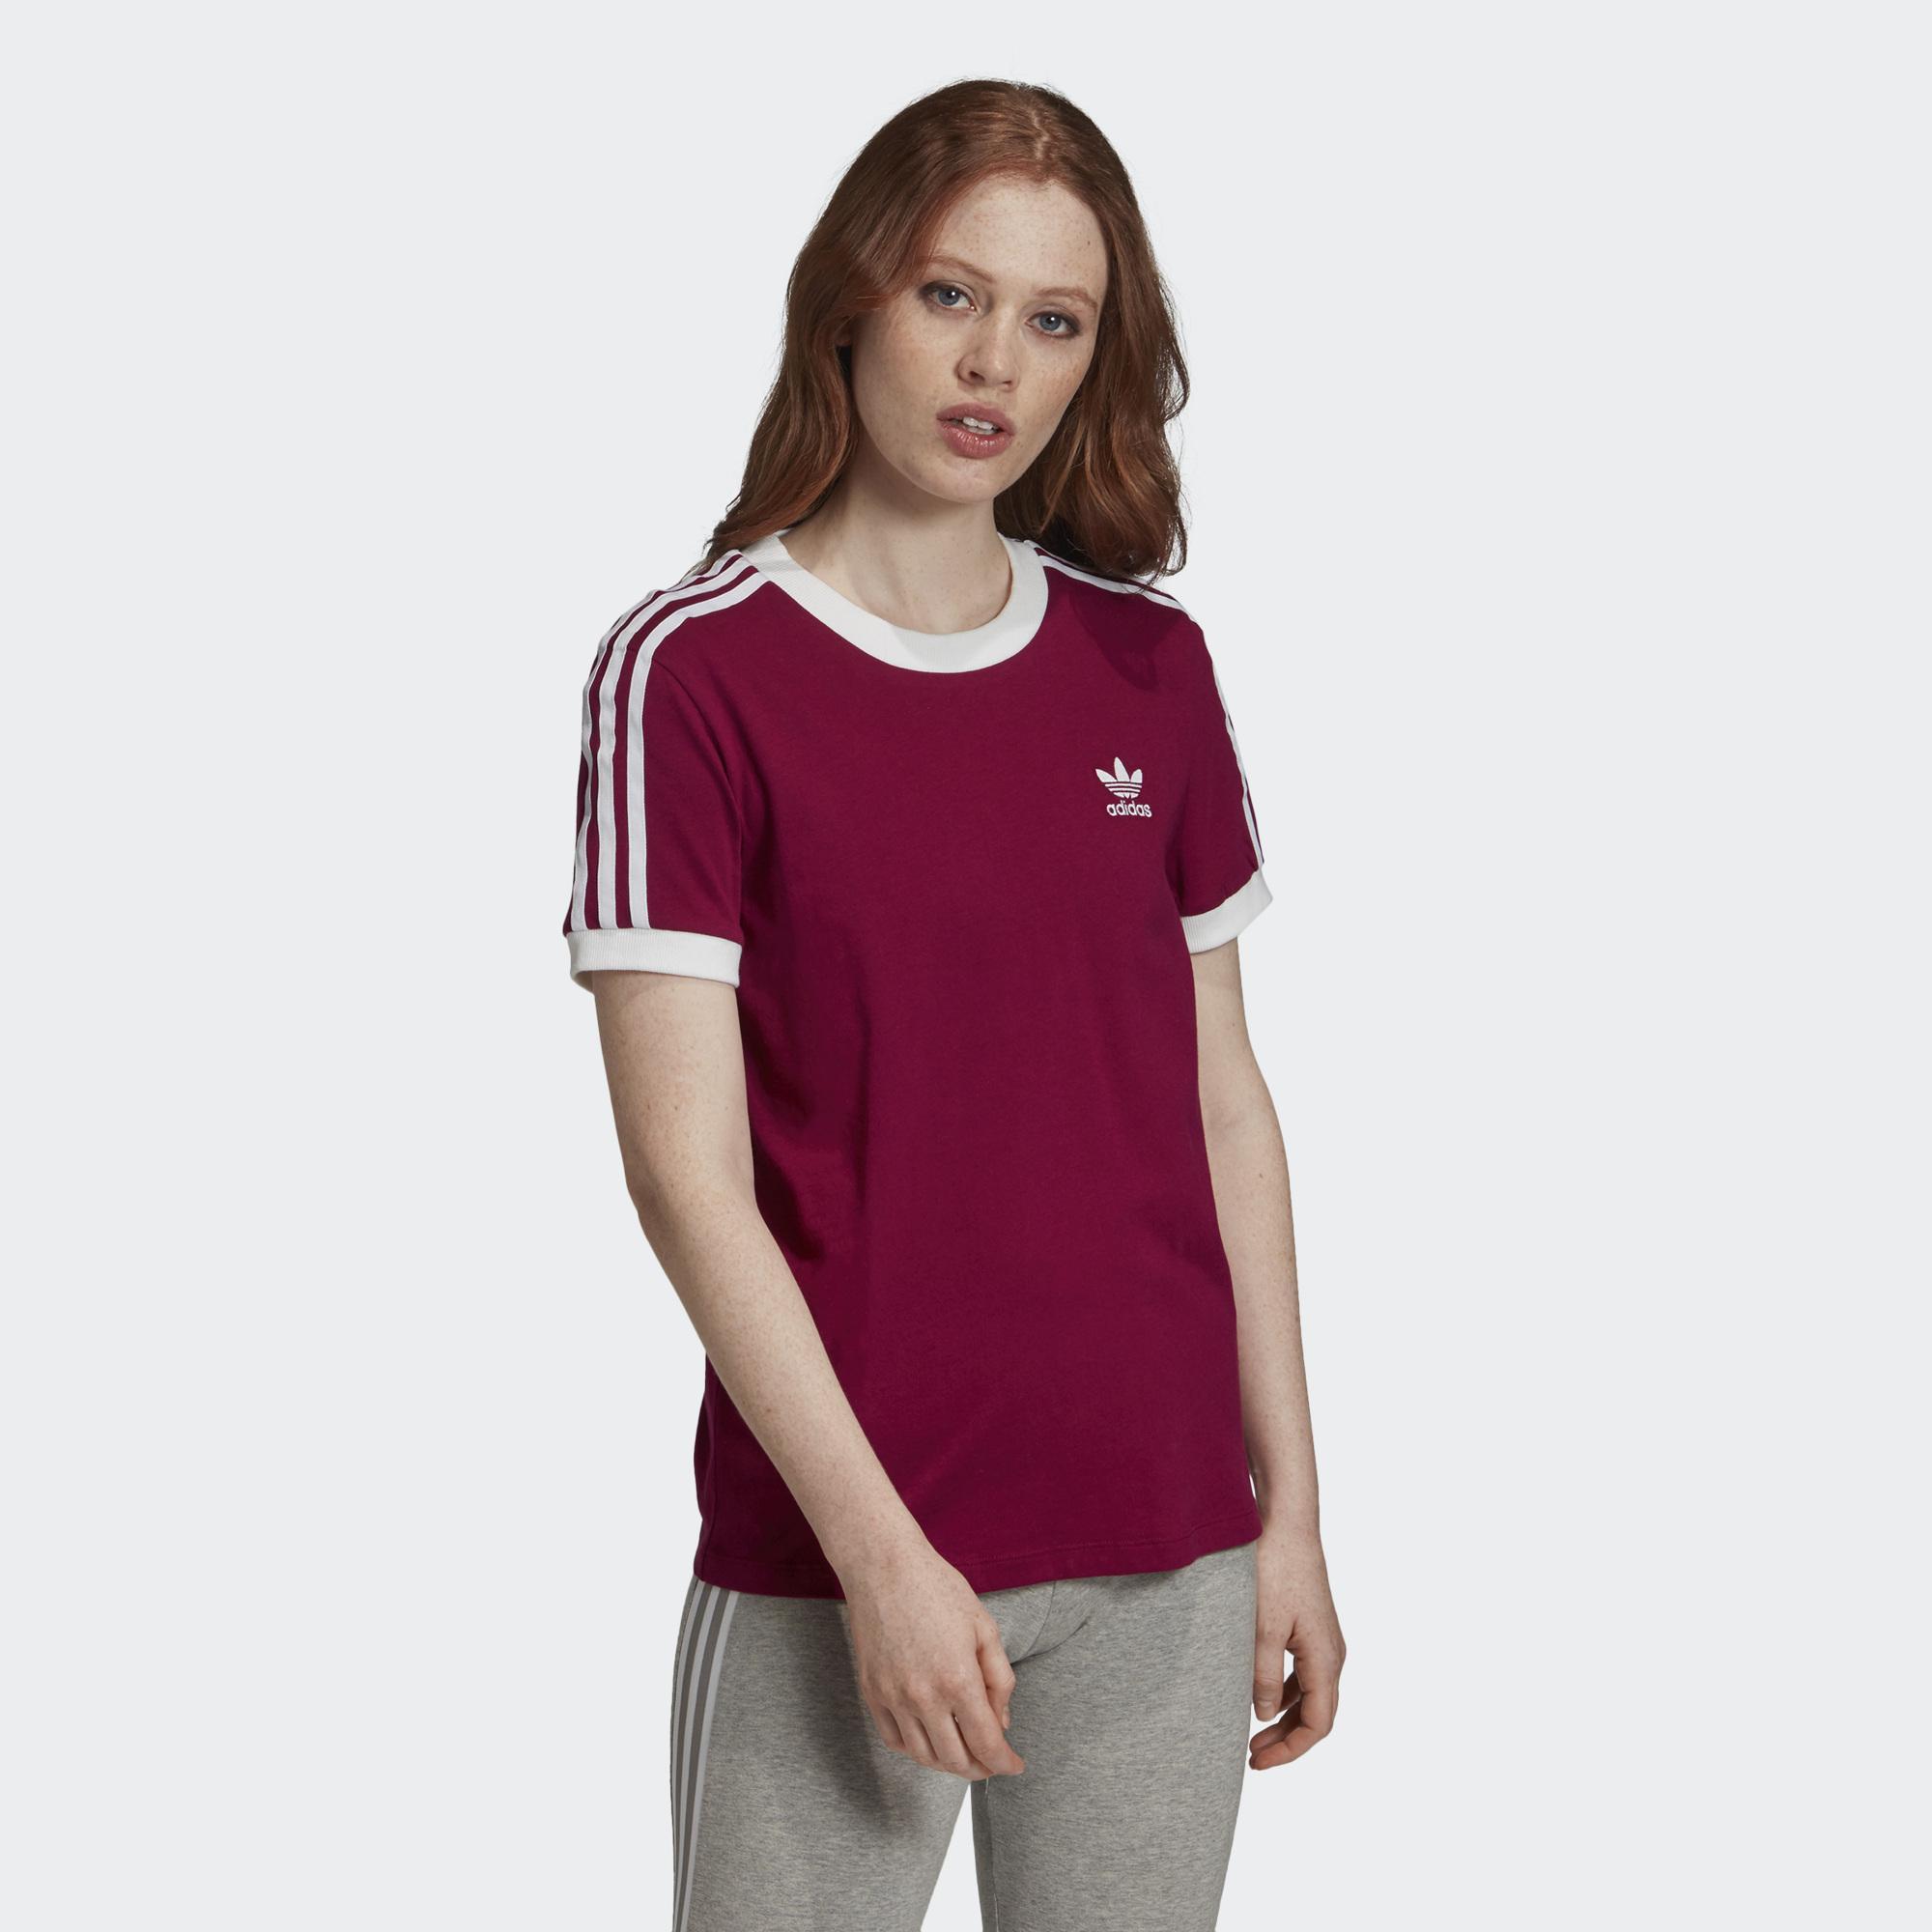 3-Stripes 短袖上衣